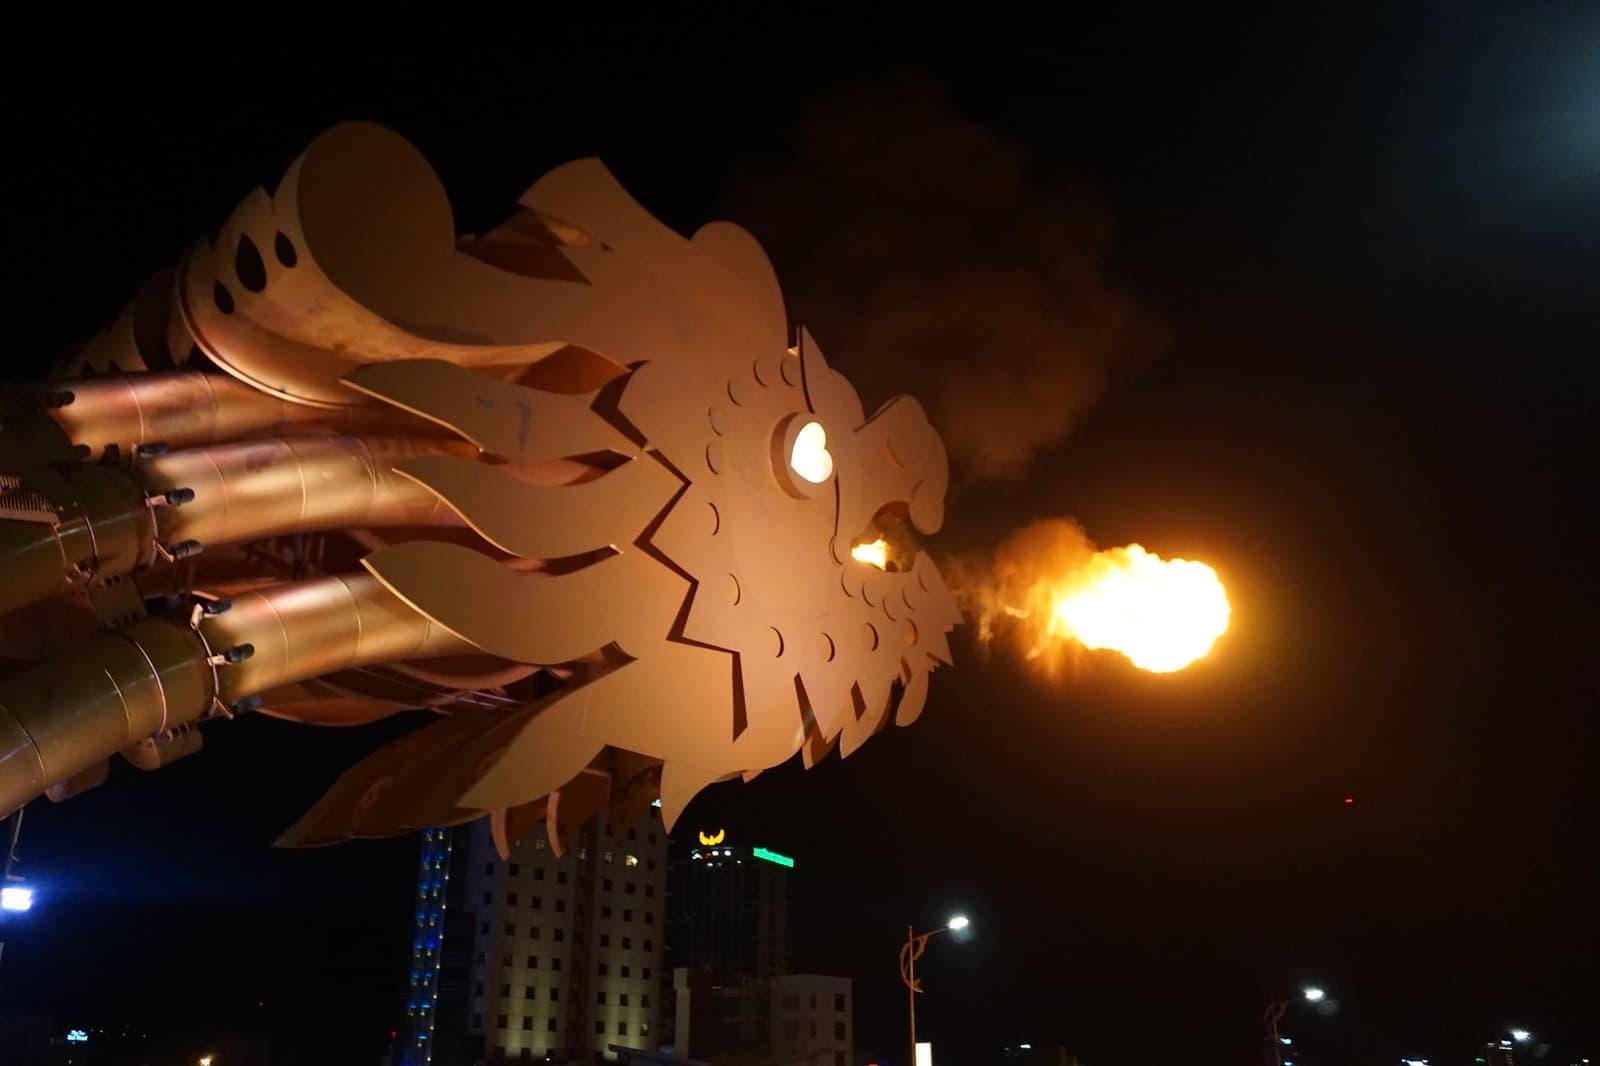 cabeza dragonh puente da nang escupiendo fuego